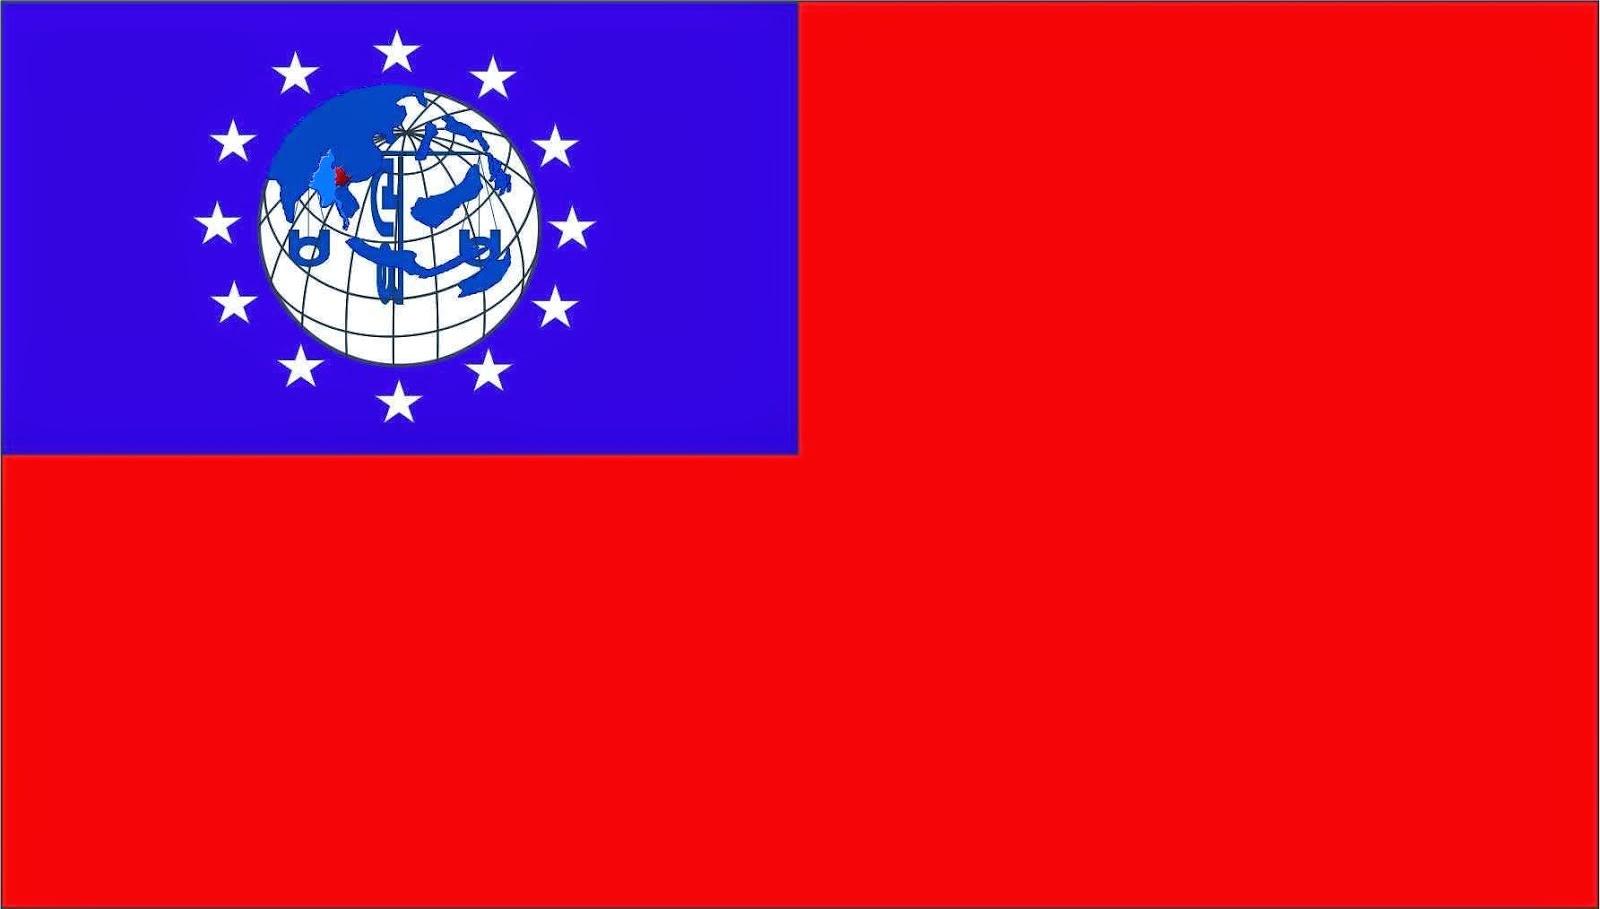 Mizzima's Flag